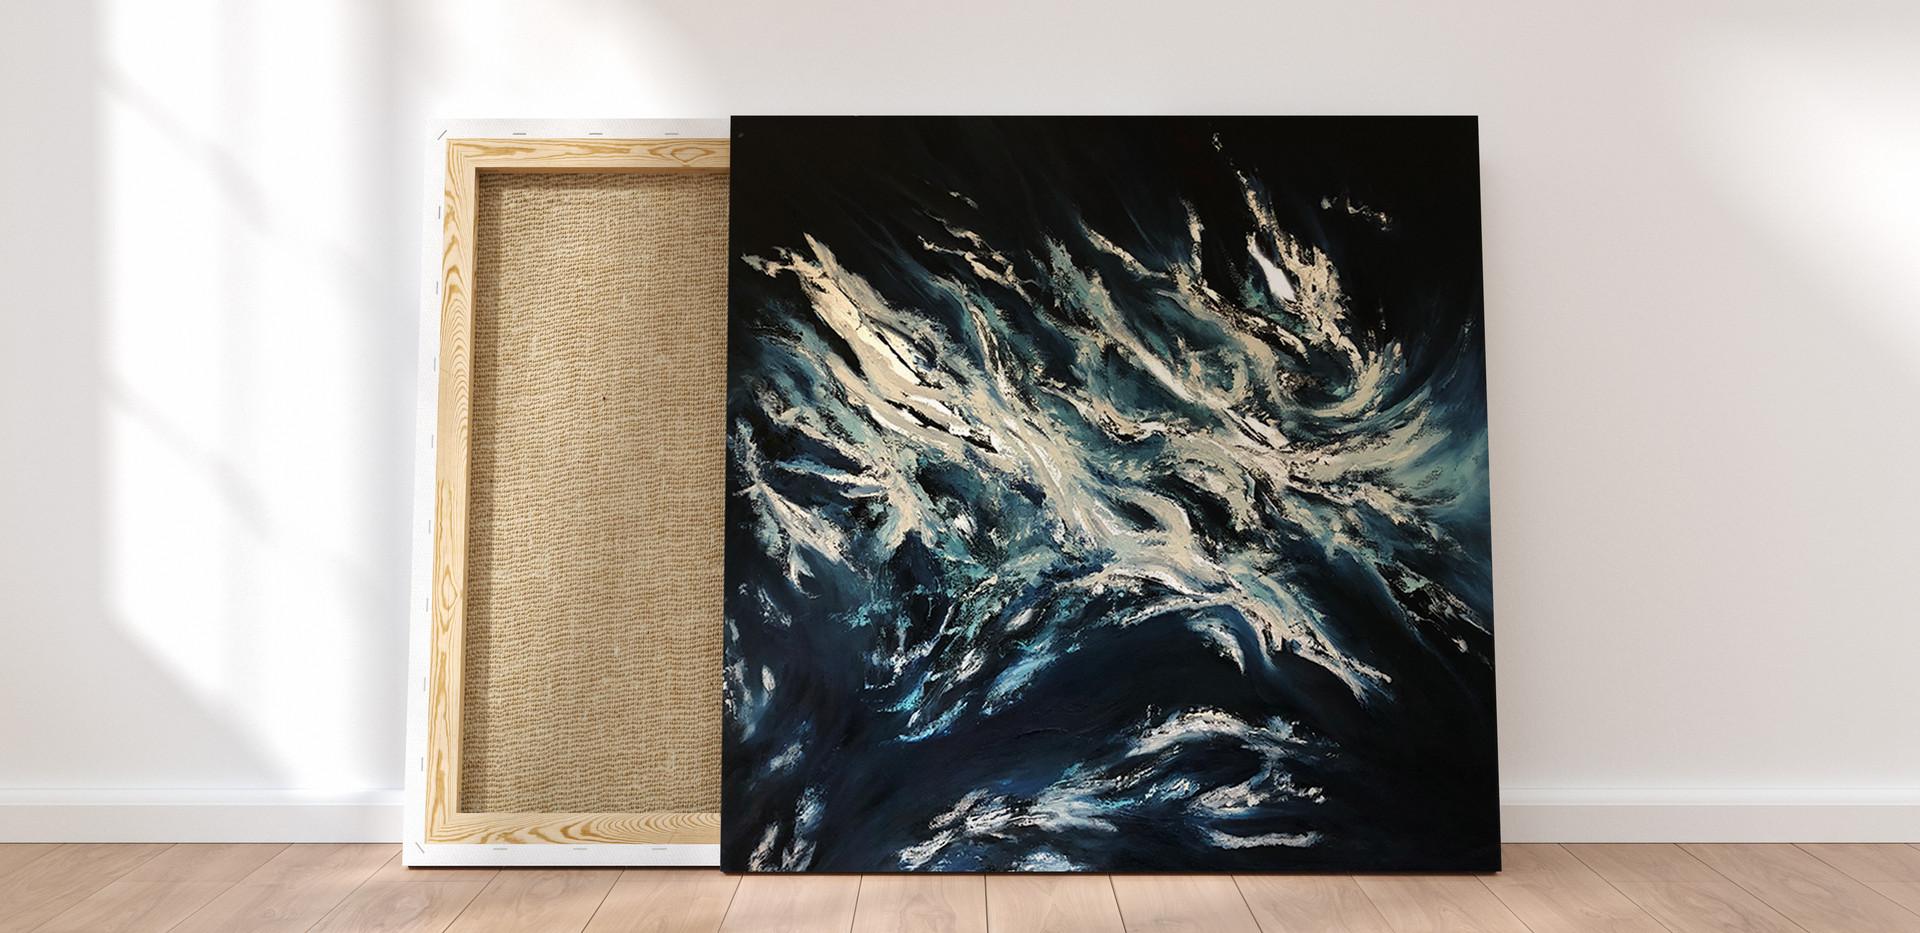 Destellos de mar  |  Sea flashes